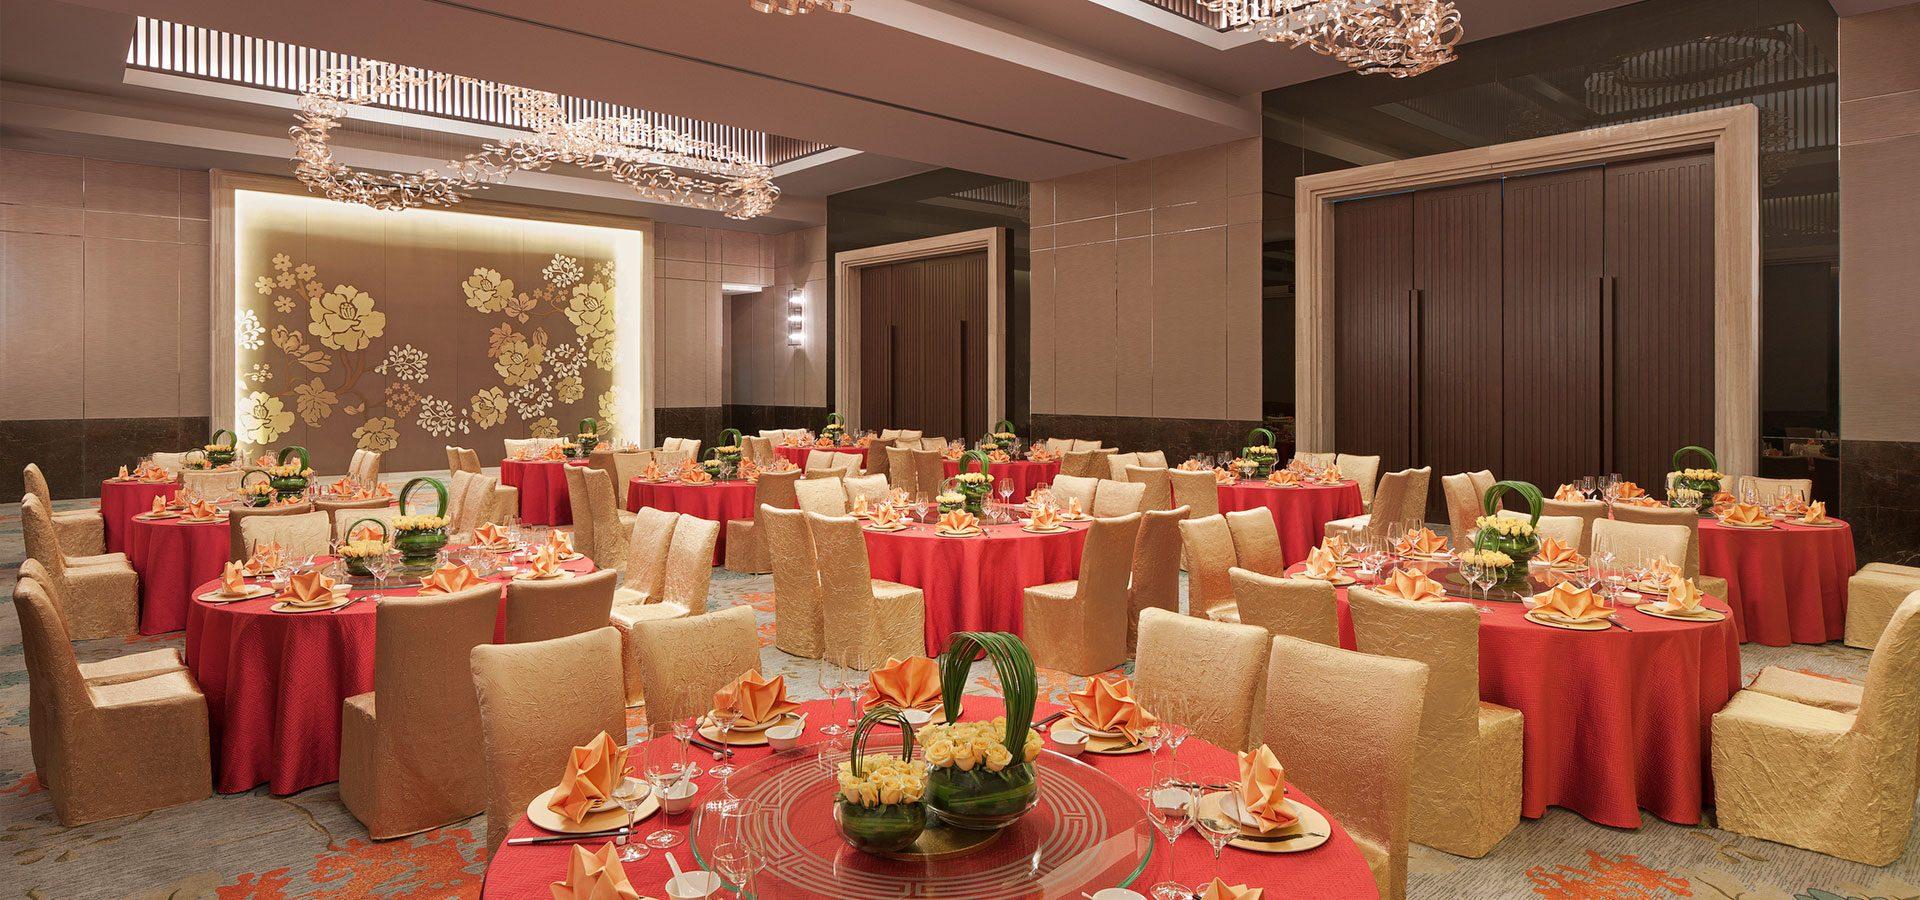 dusitdevarana-conghua-meetings-ballroom